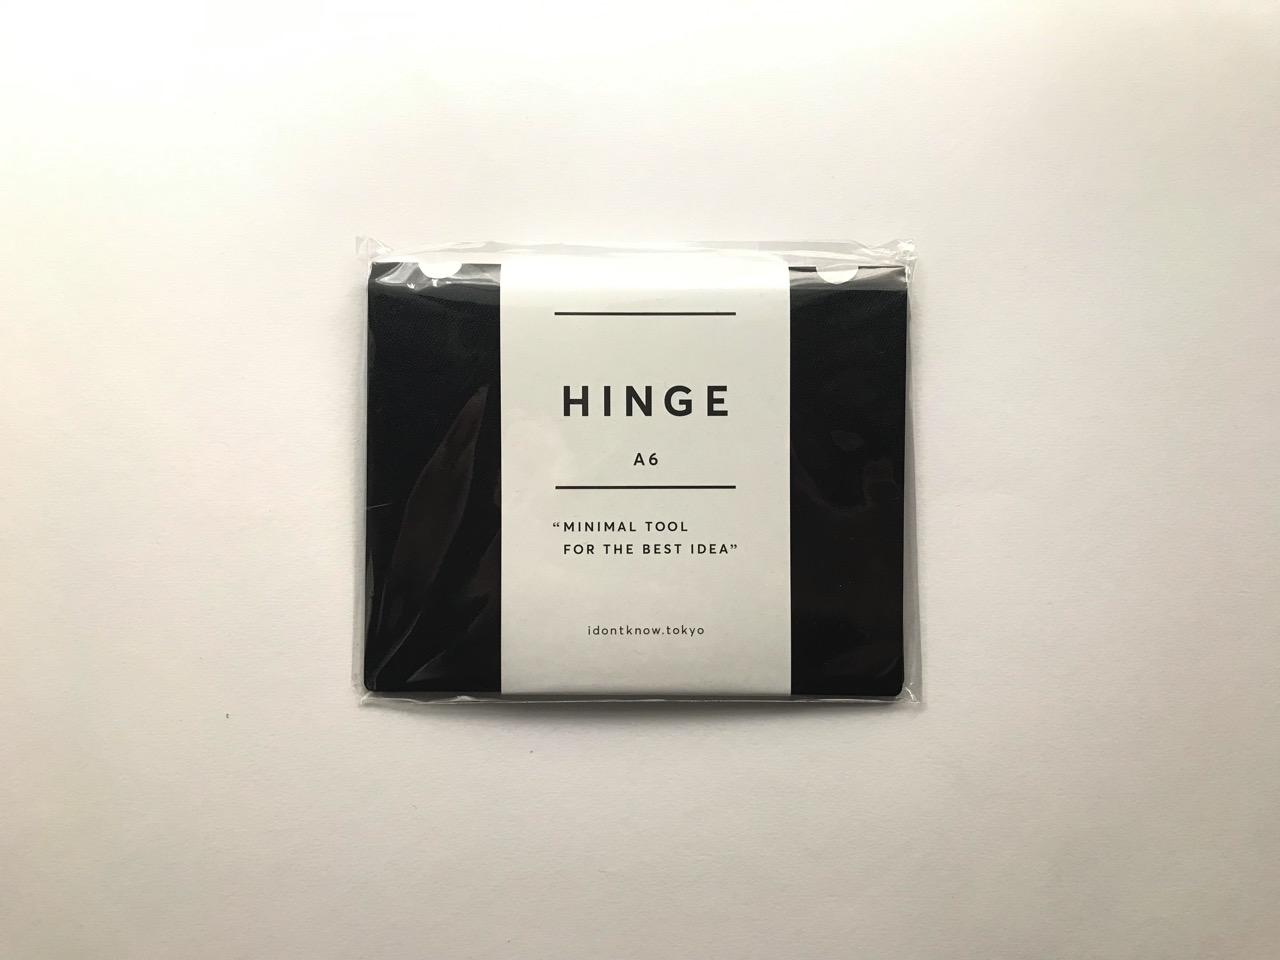 HINGE A6